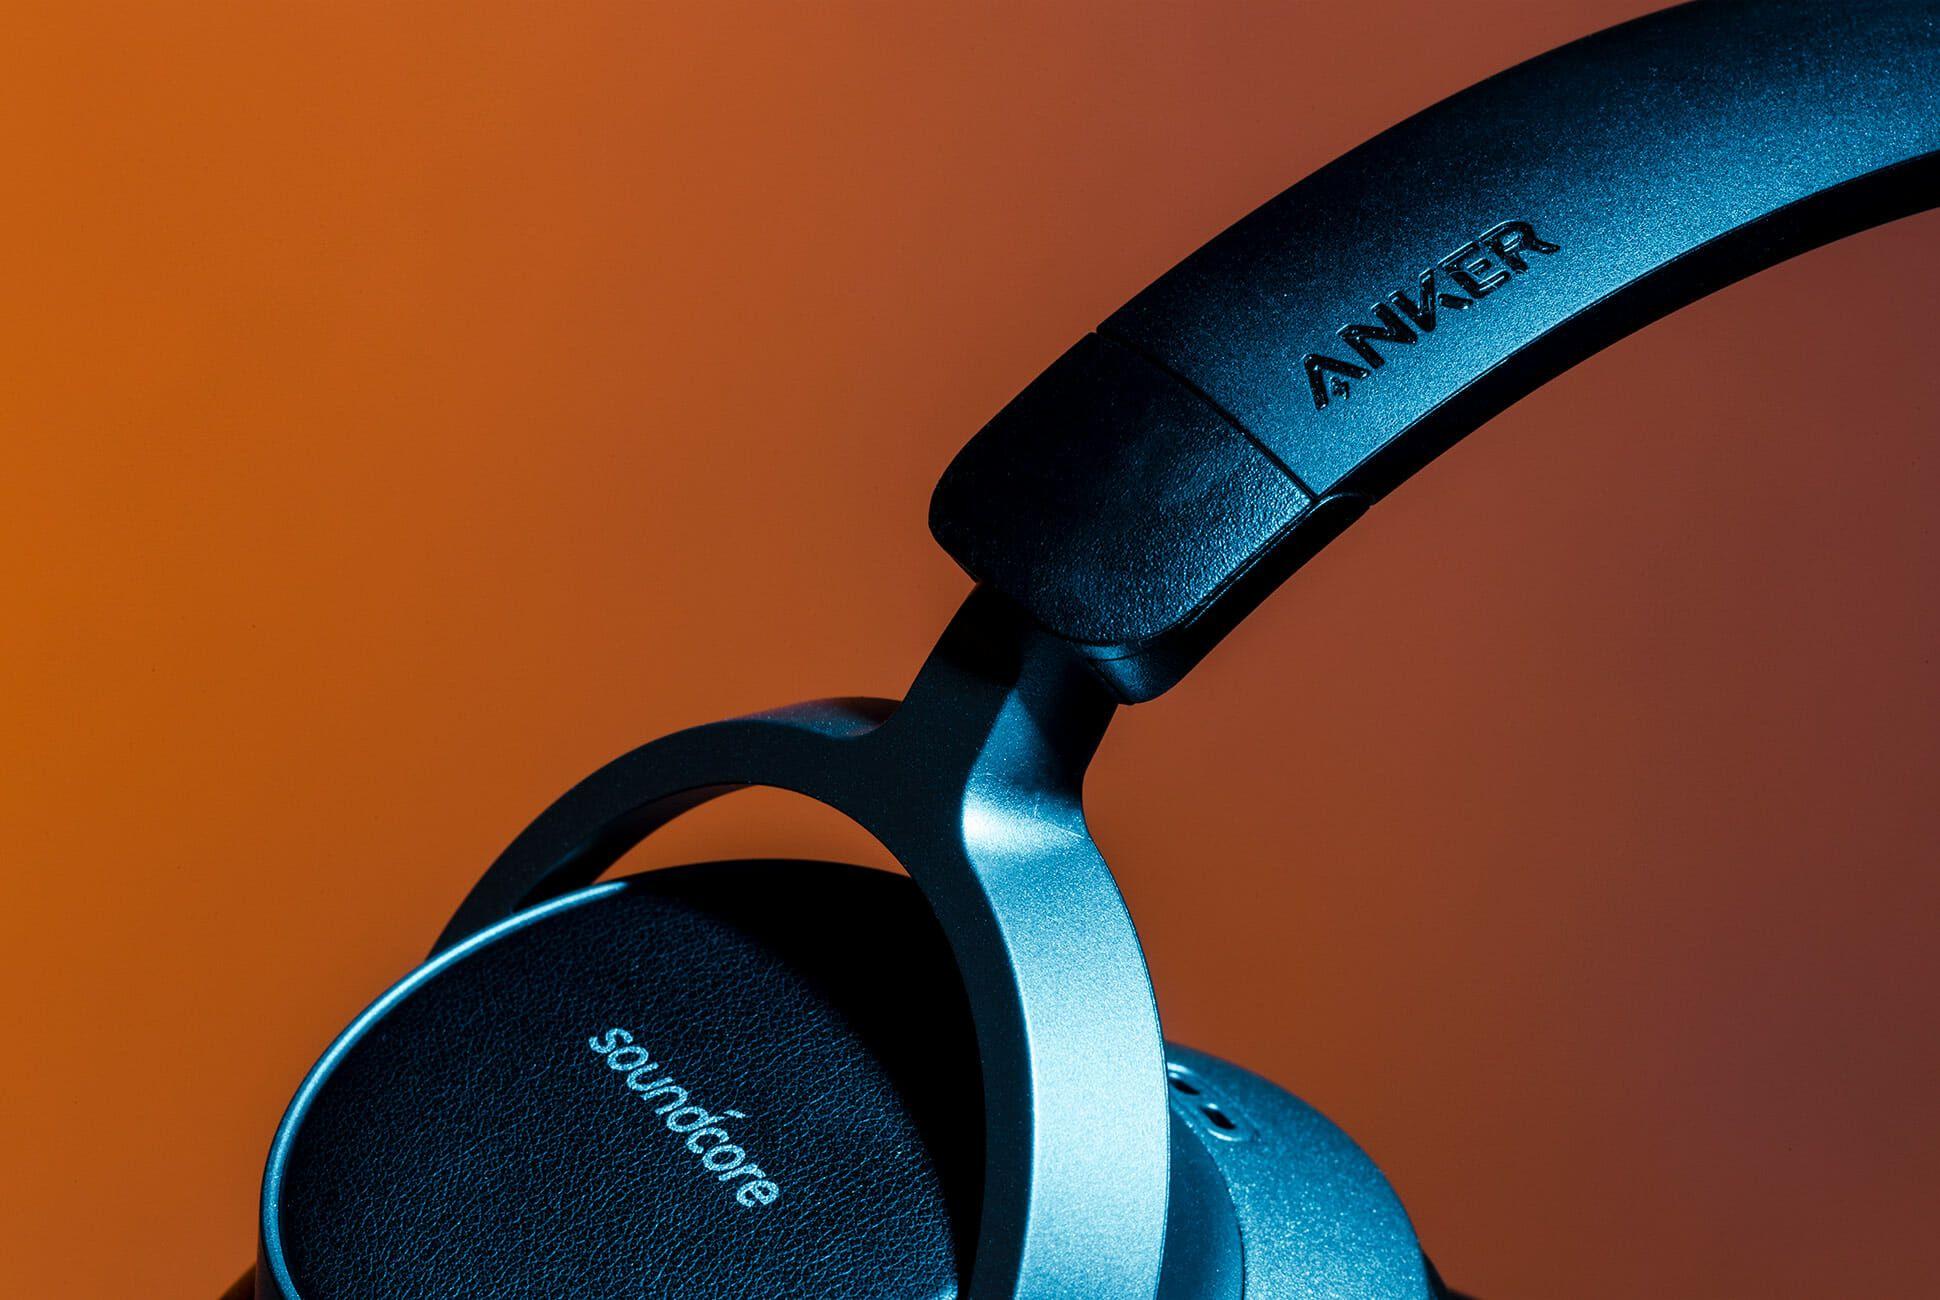 anker-soundcore-gear-patrol-slide-3